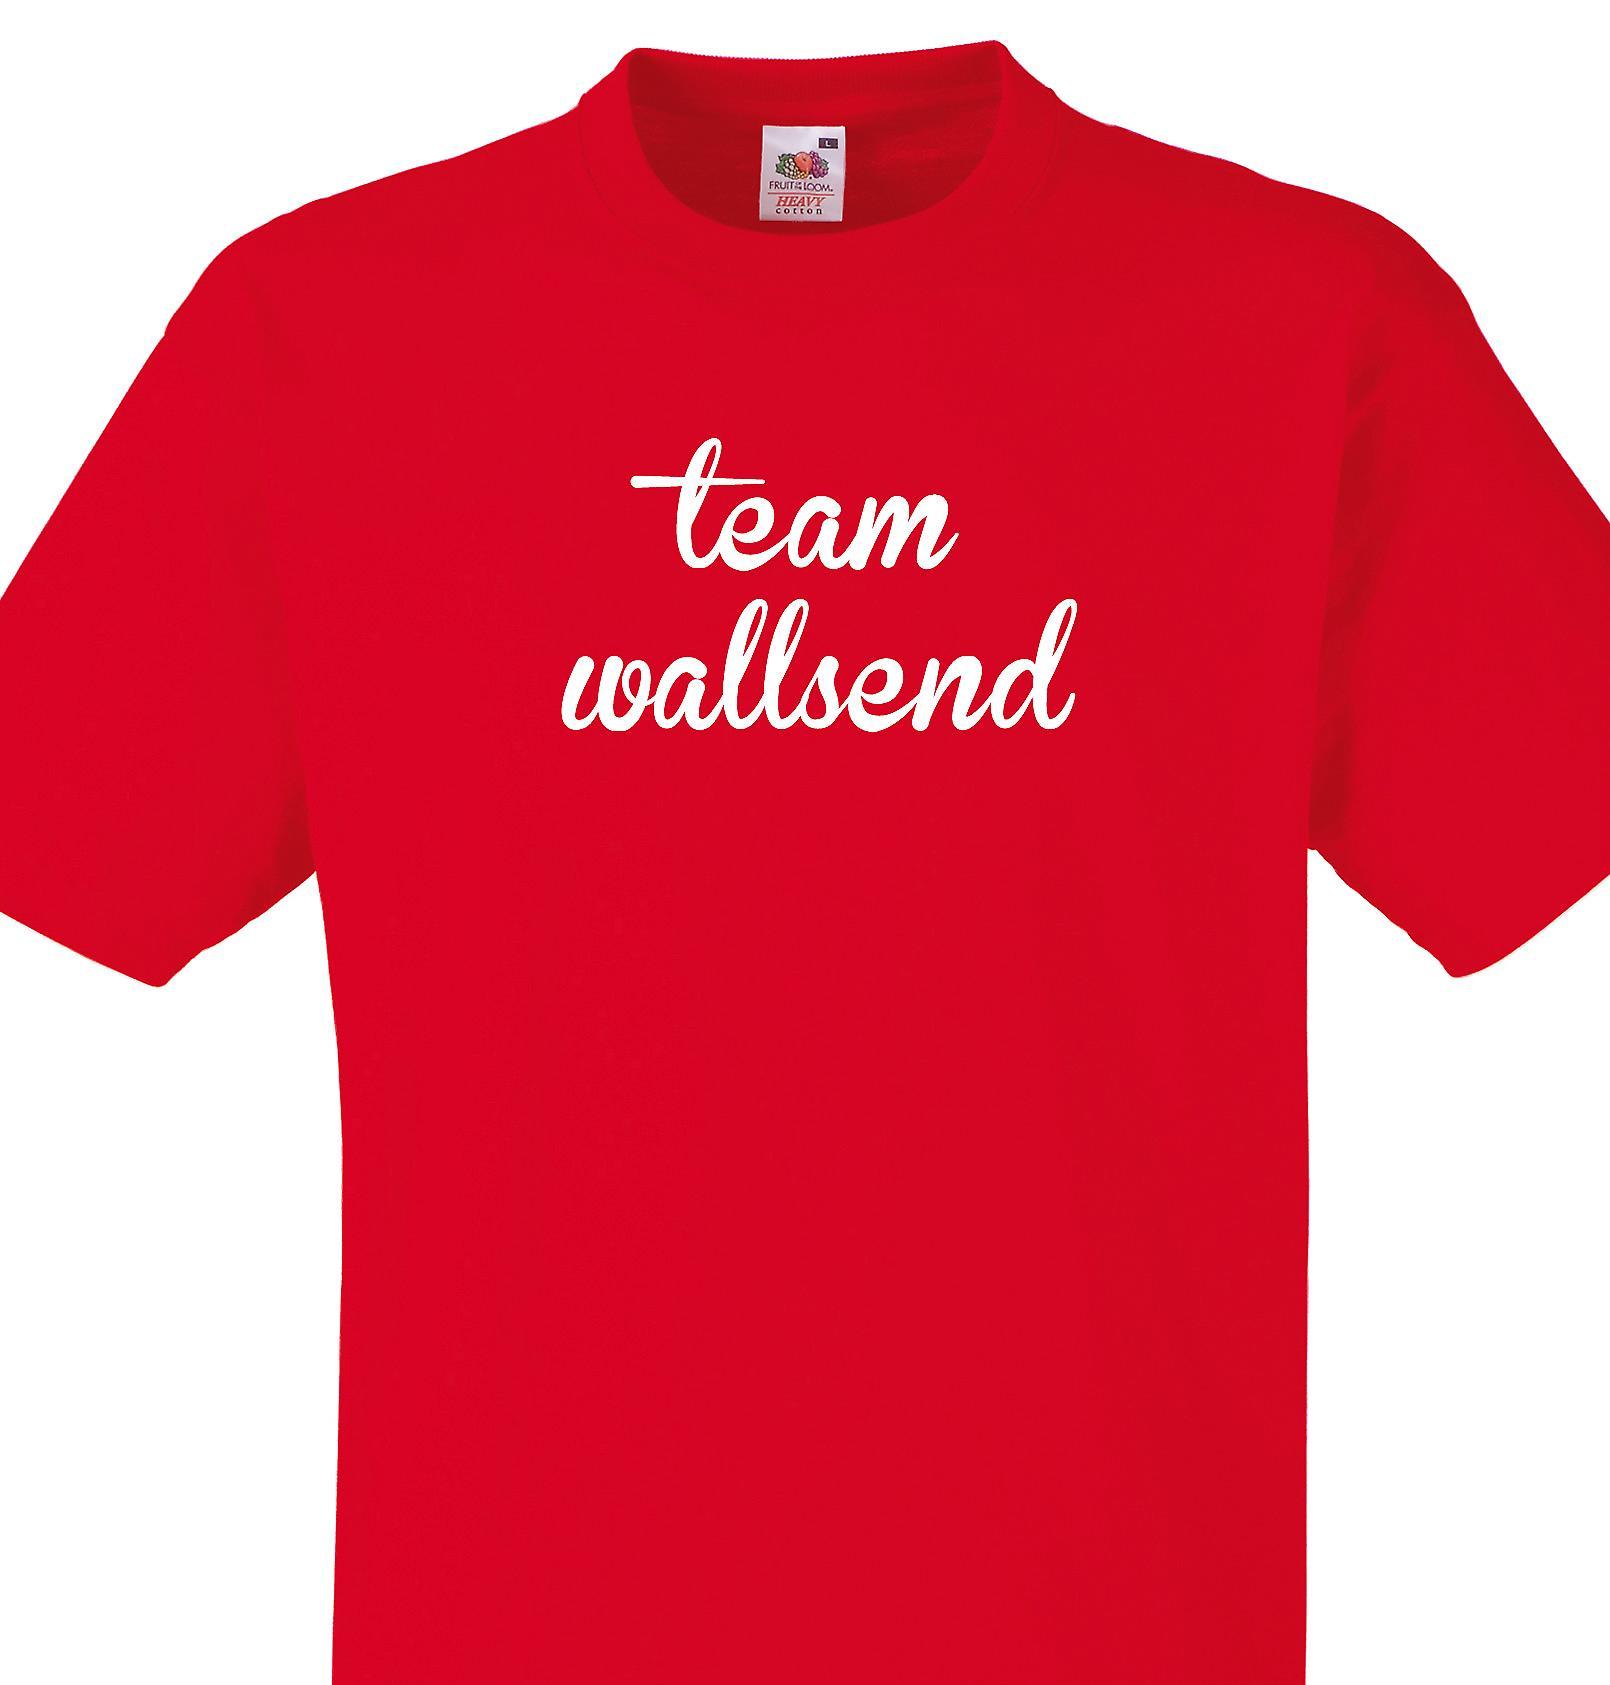 Team Wallsend Red T shirt